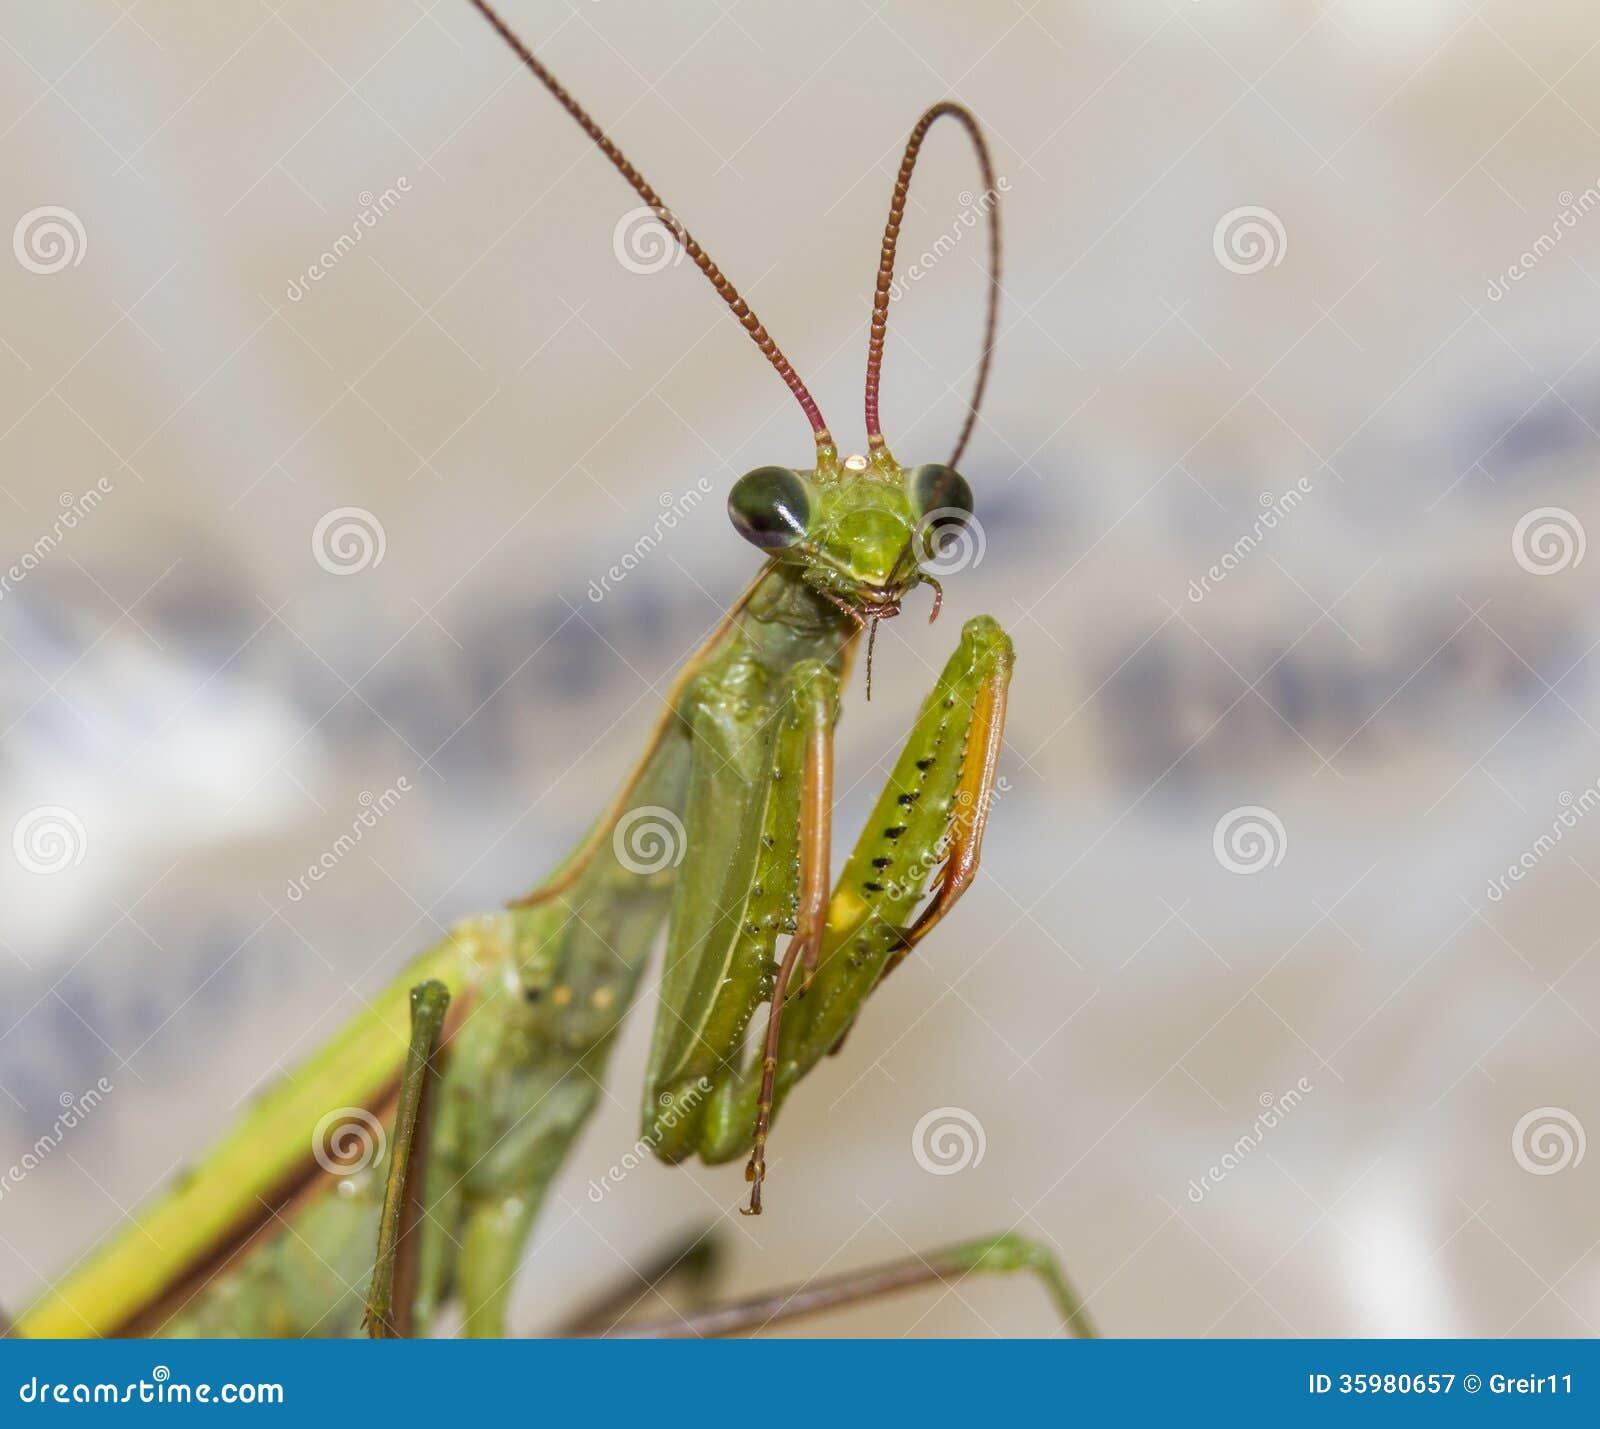 Macro Green Praying Mantis Bites Its Antennae Stock Image Image